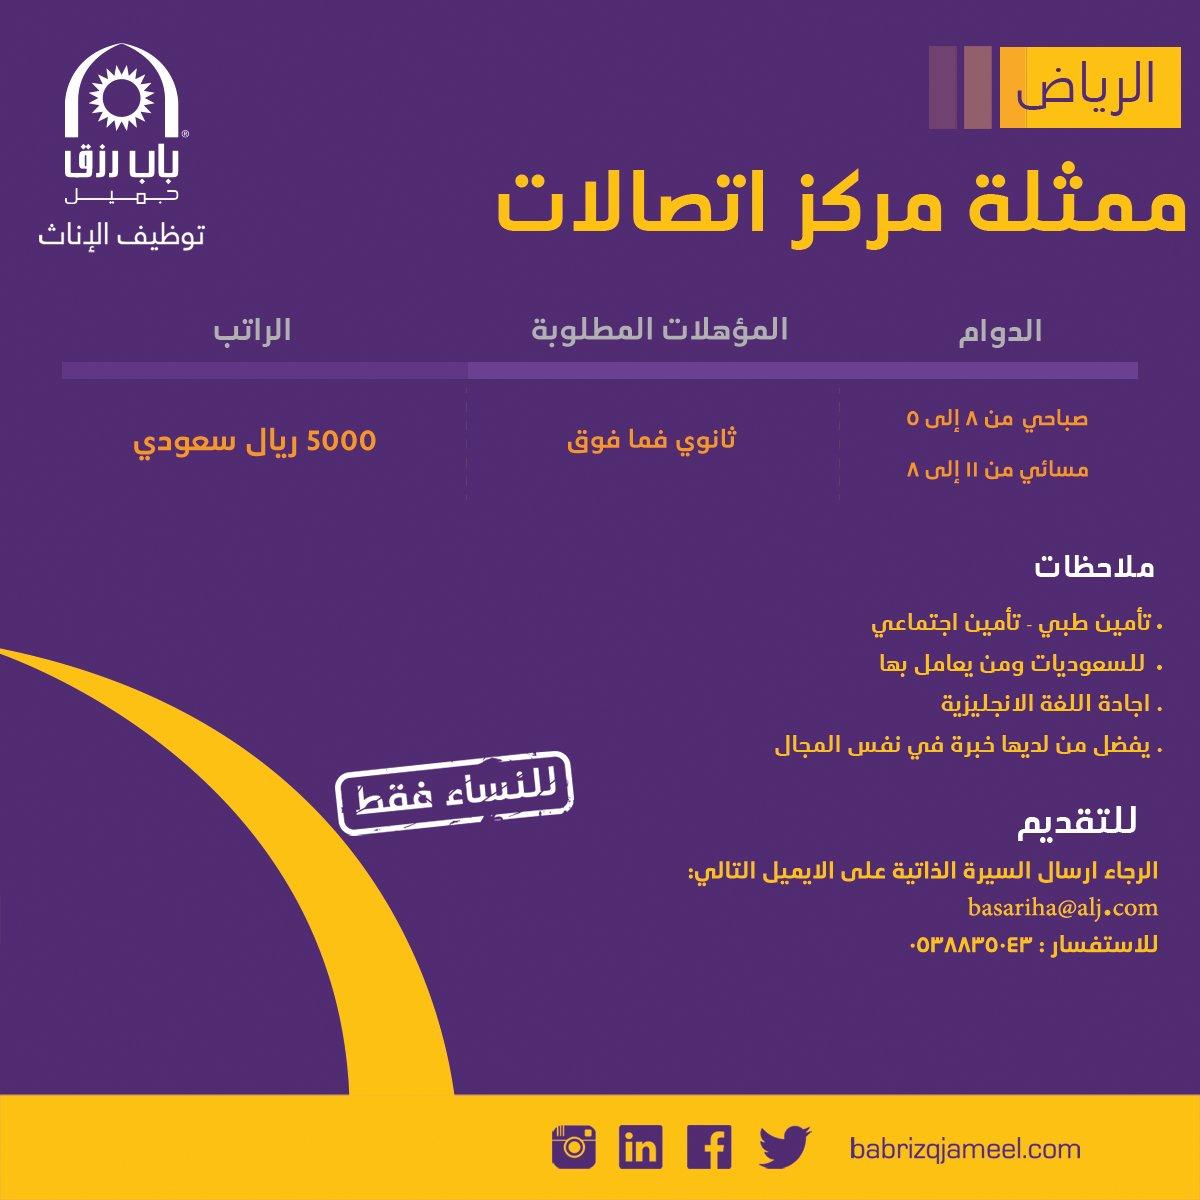 مطلوب ممثلة مركز اتصالات - الرياض